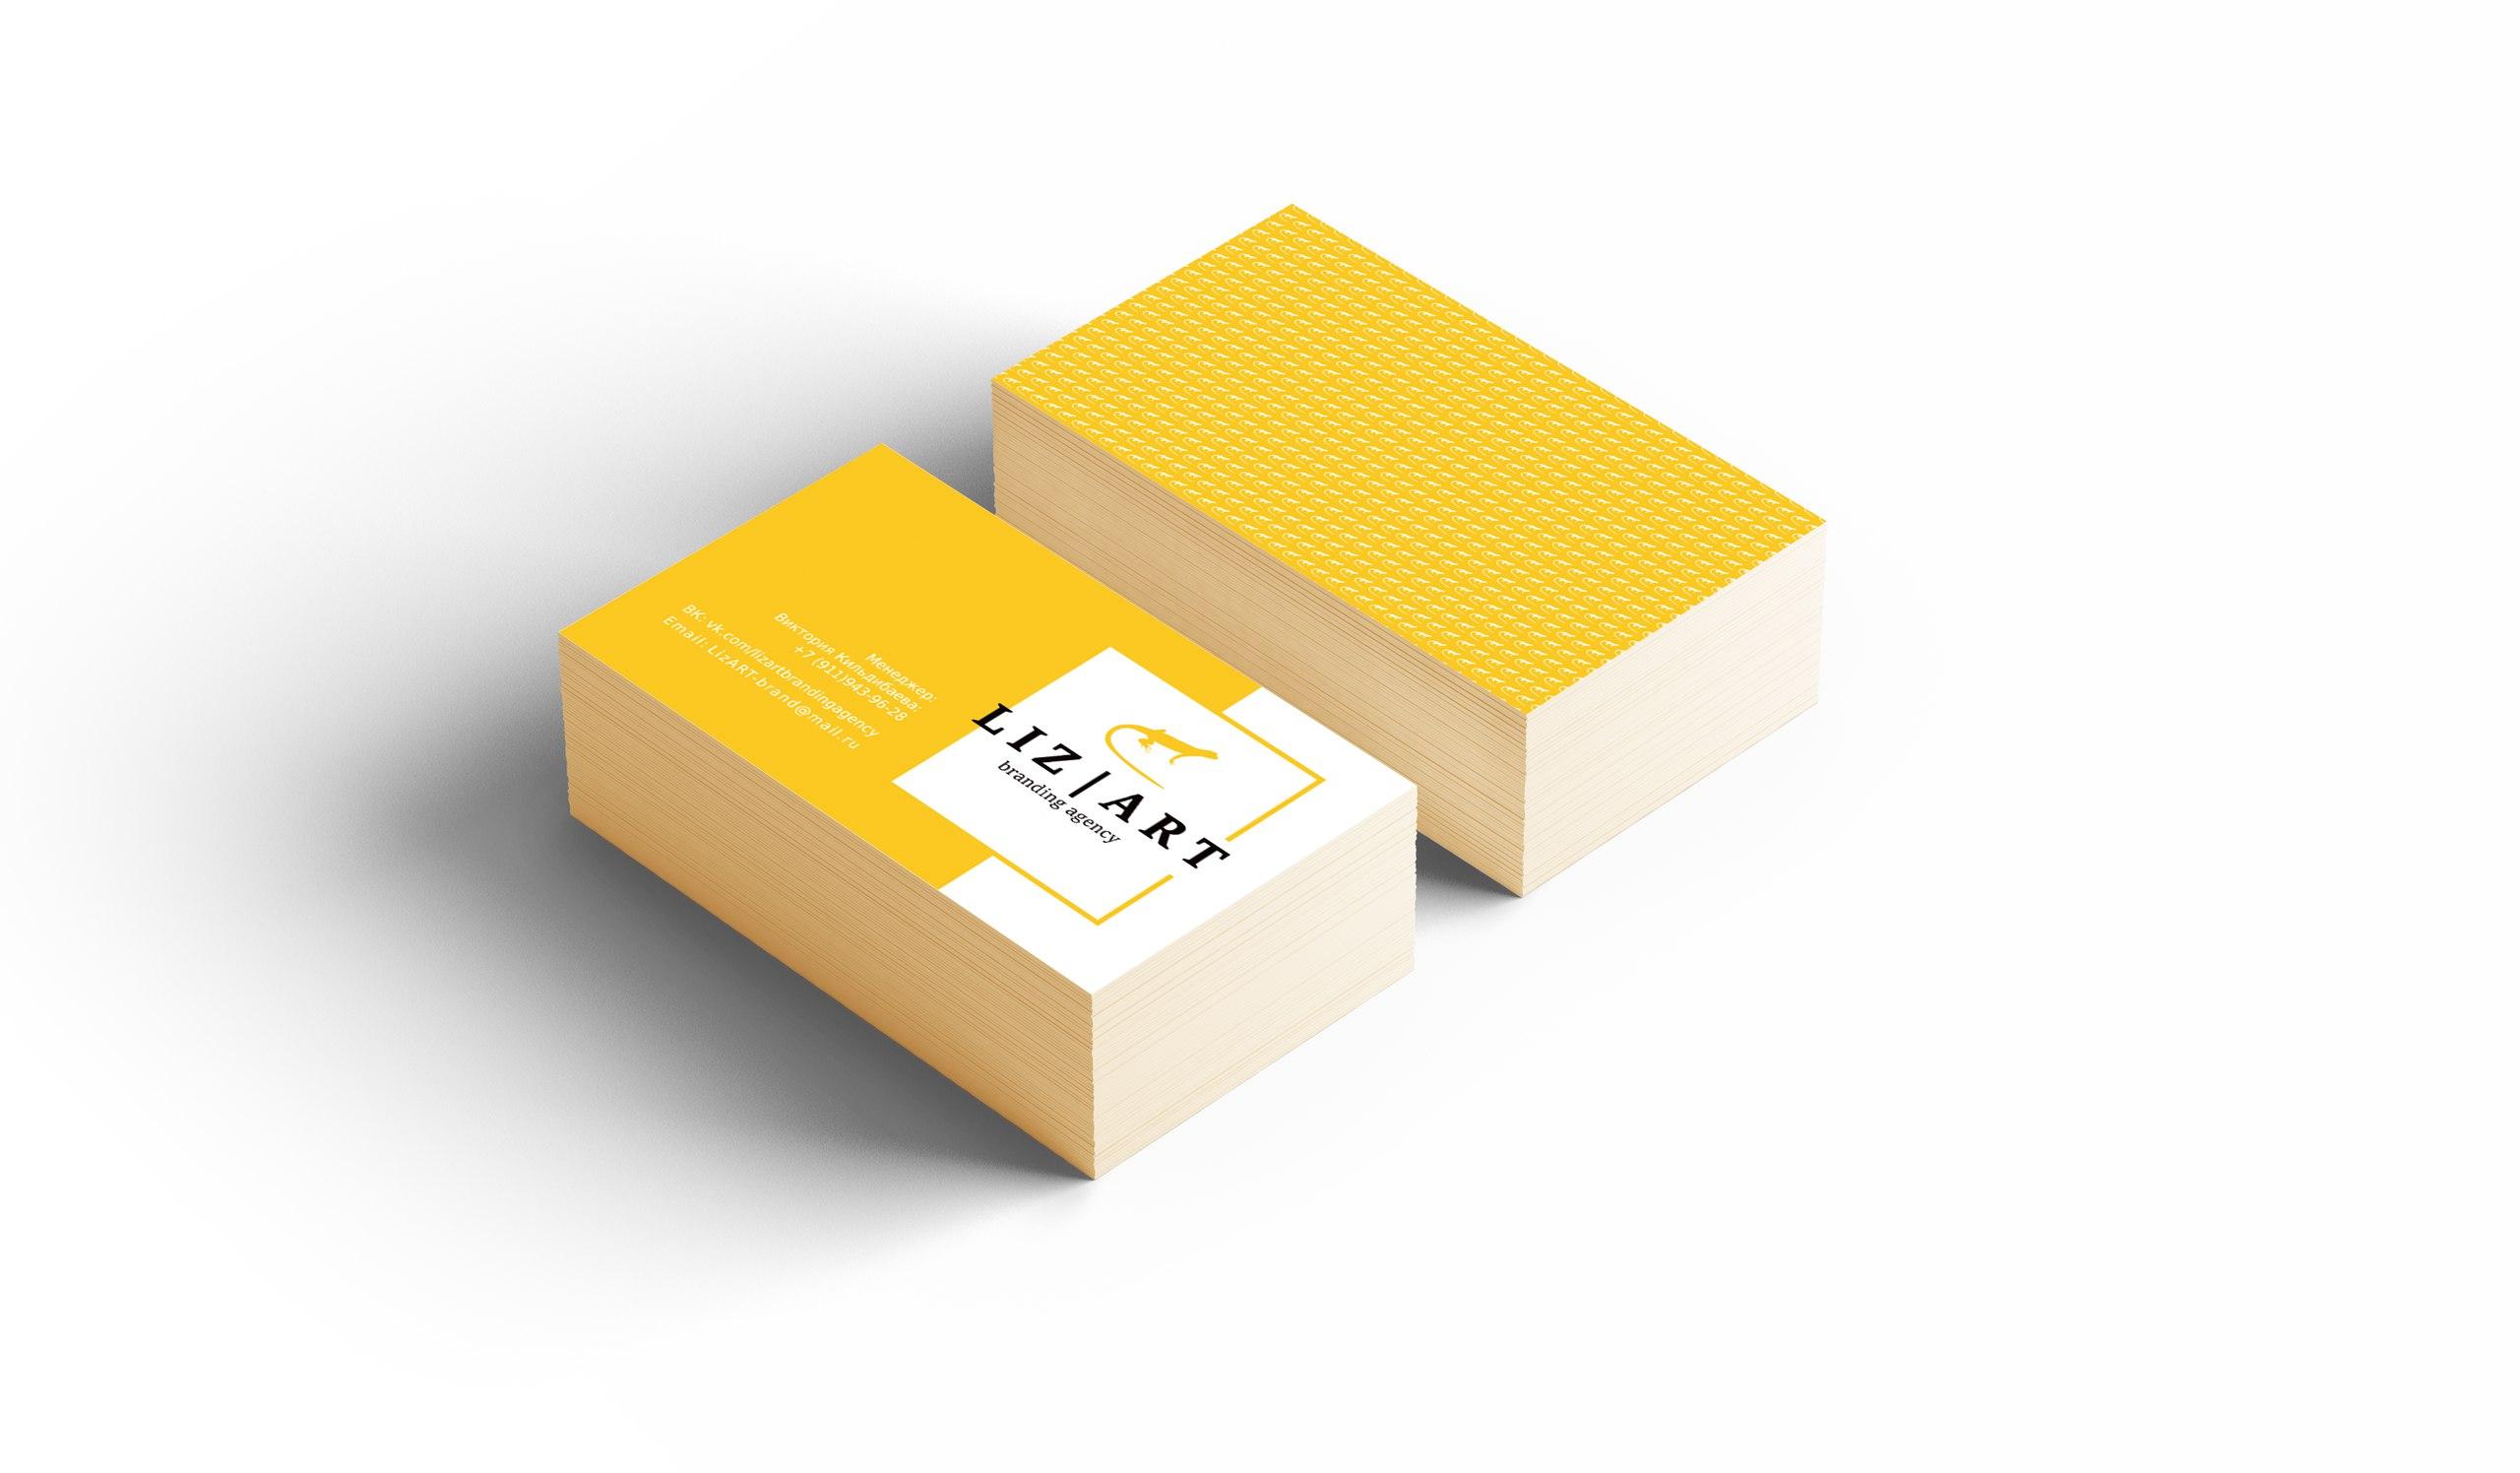 Разработка дизайна логотипа продакшена фото f_1745a786f6907b3b.jpg